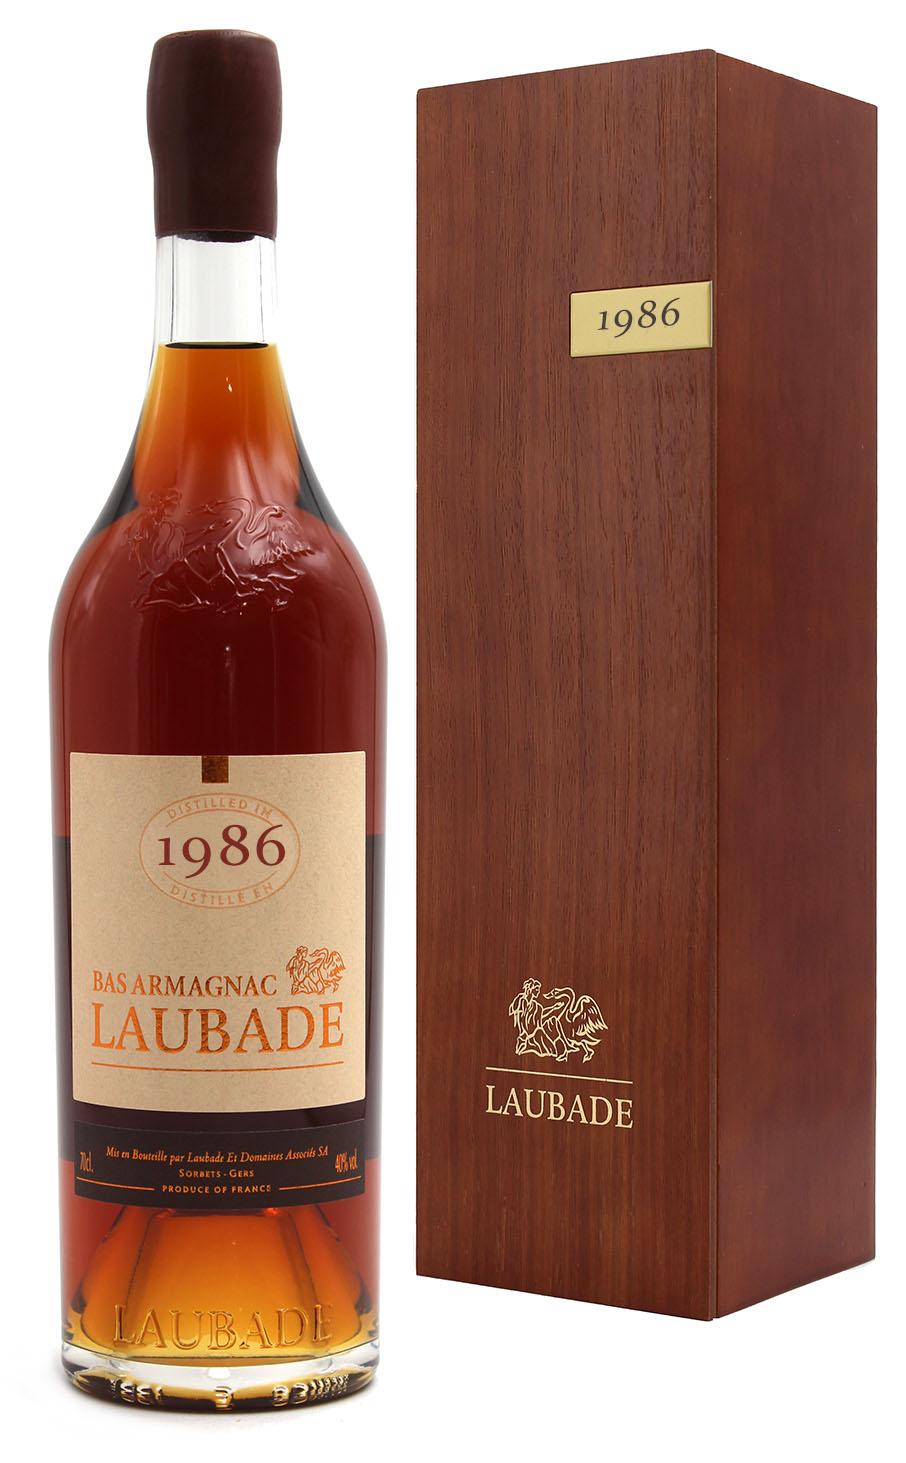 Bas Armagnac Laubade 1986  - 70cl